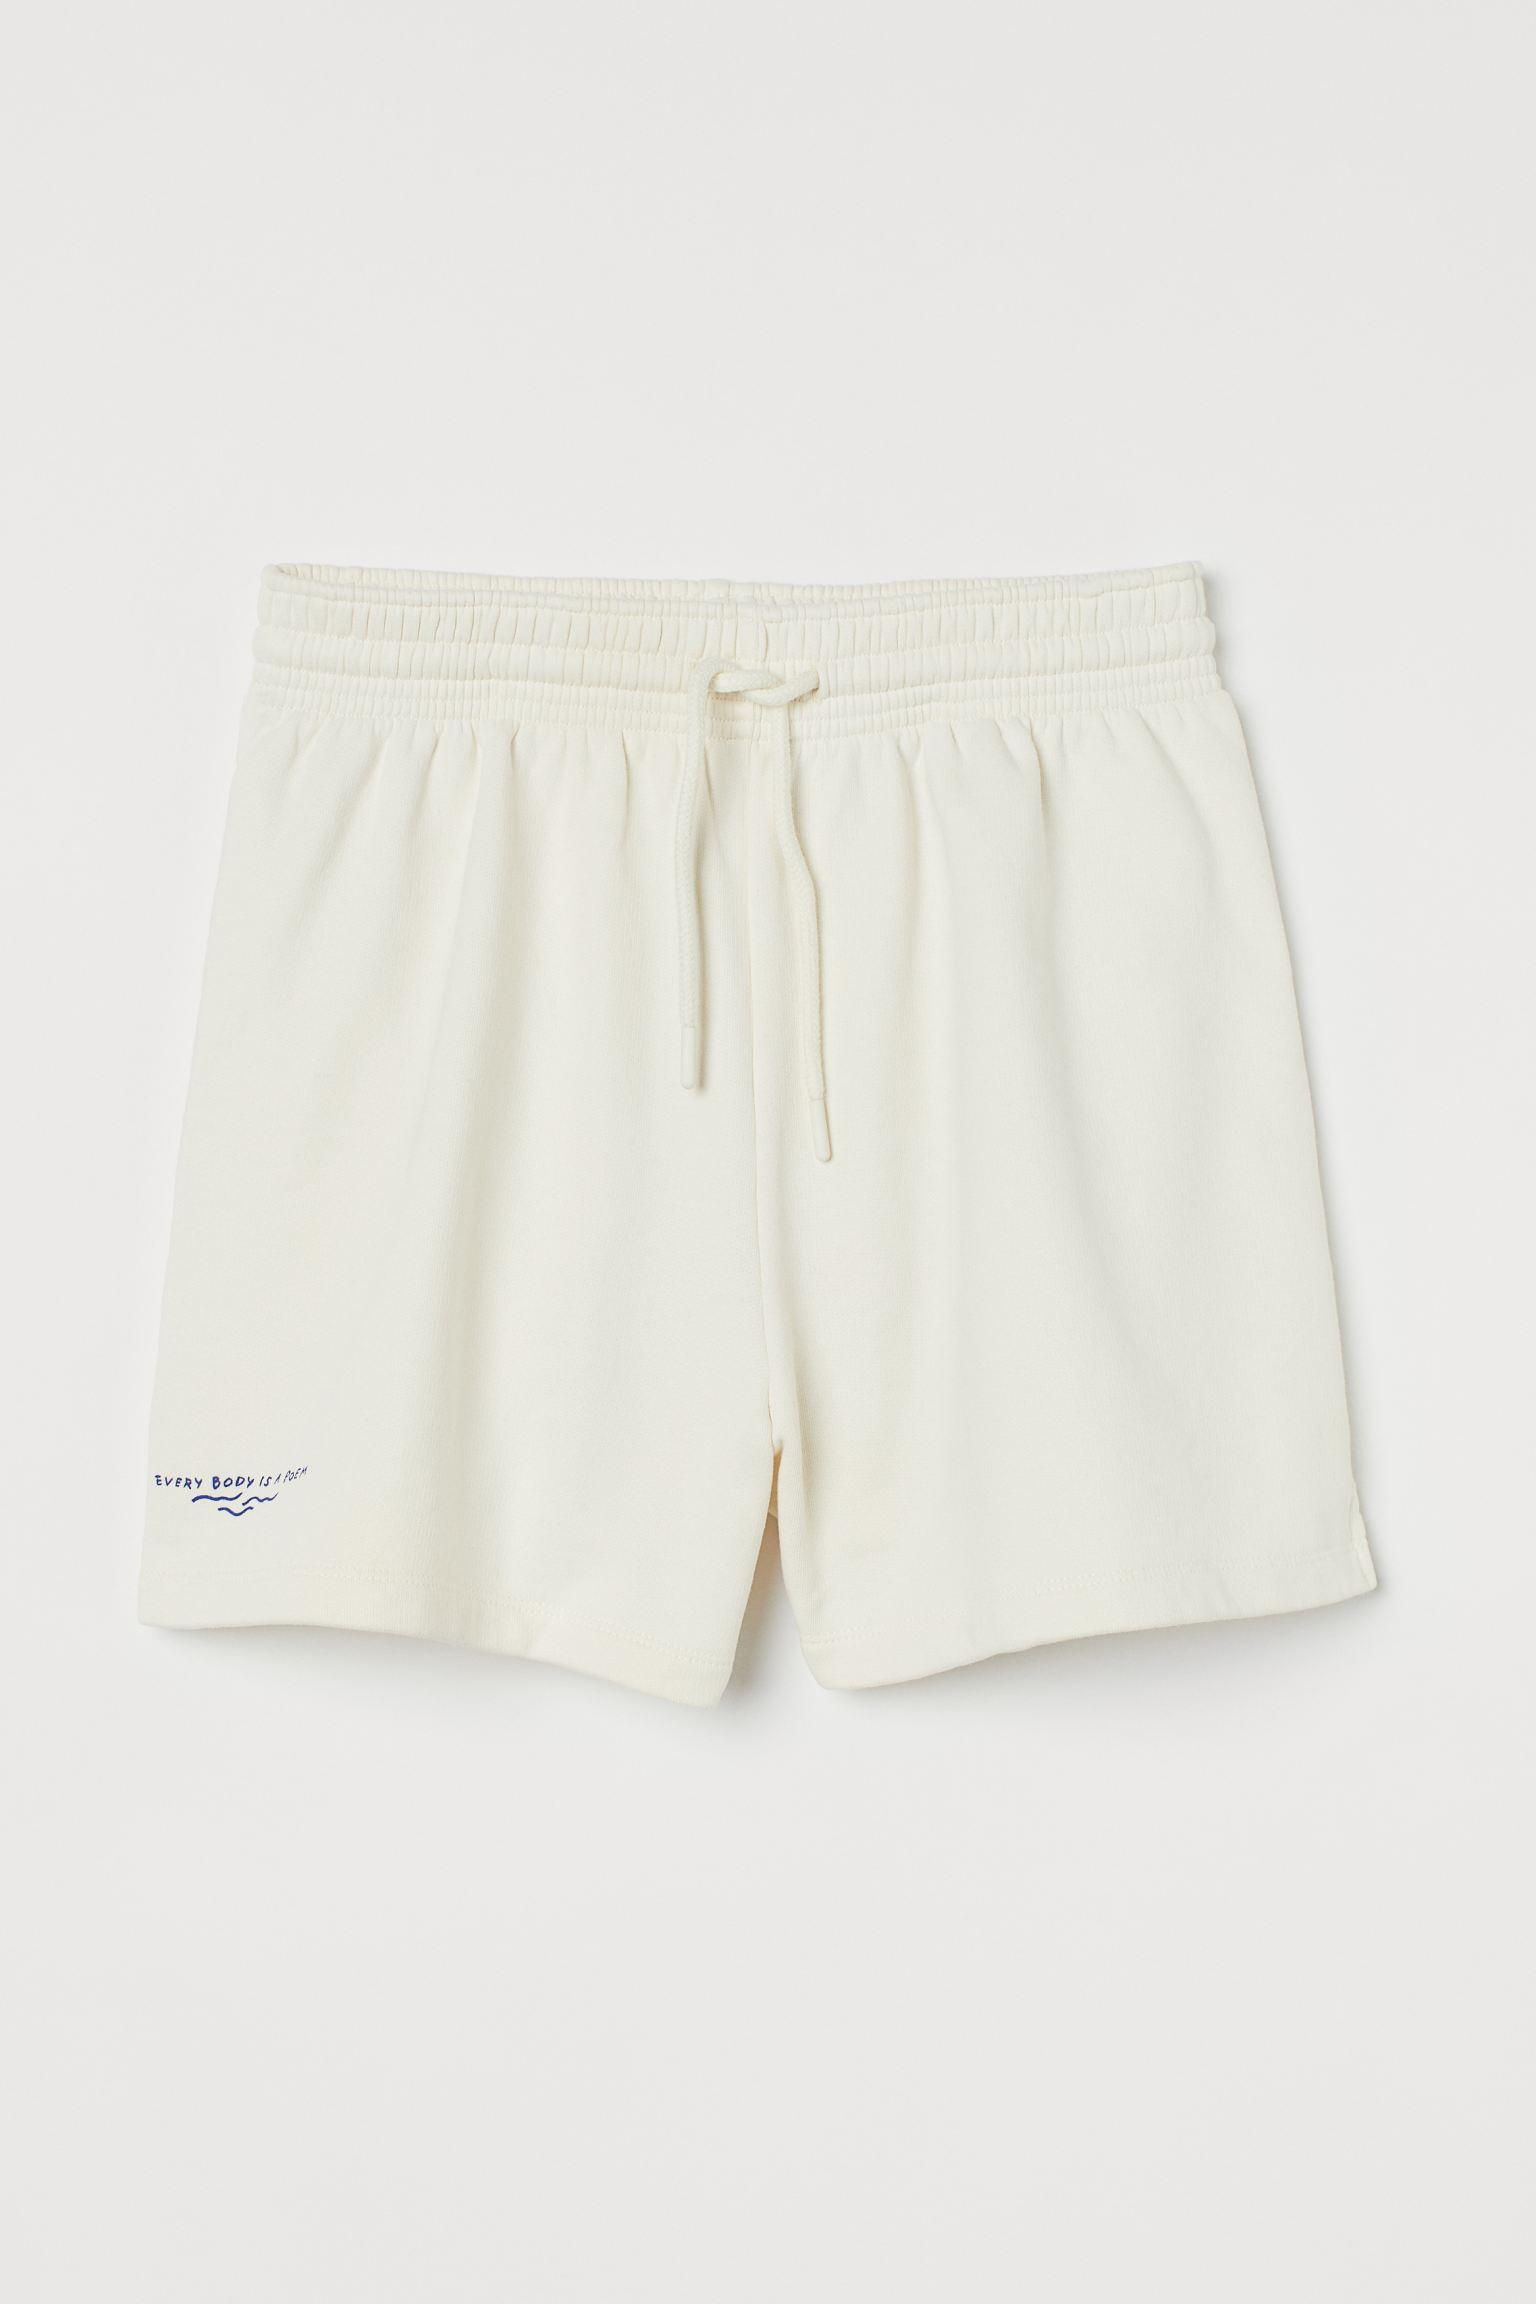 Pantalón corto en tejido sudadera suave de algodón con motivo de texto en una pernera. Modelo con cintura estándar elástica con cordón de ajuste, bolsillos al bies discretos y perneras rectas con aberturas laterales cortas.